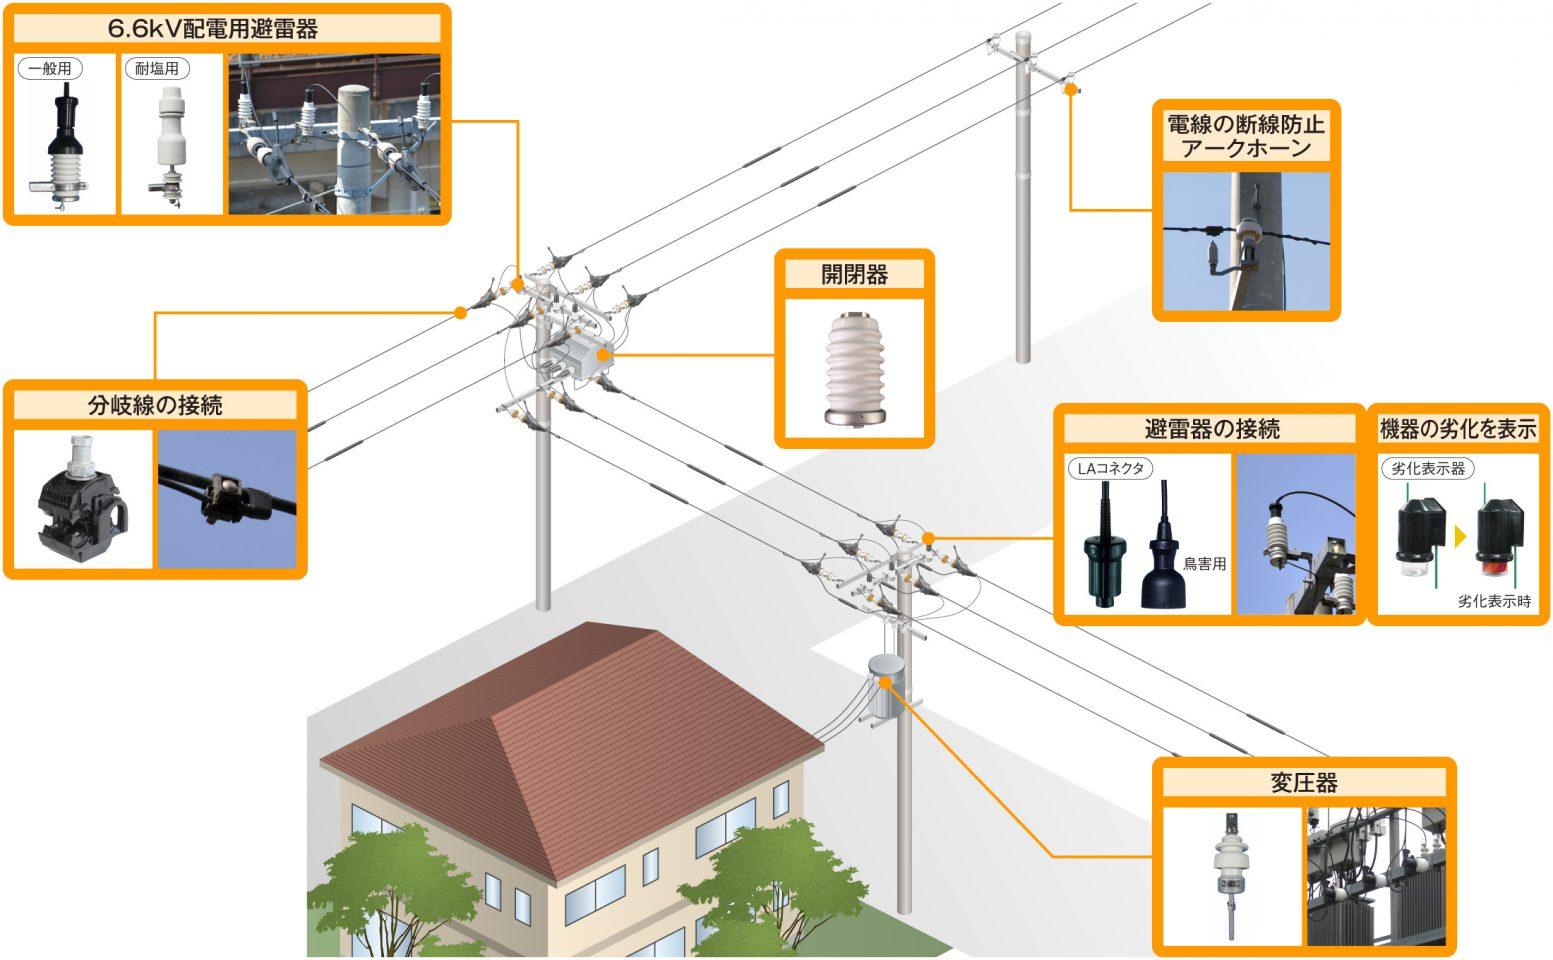 配電 電力の雷対策